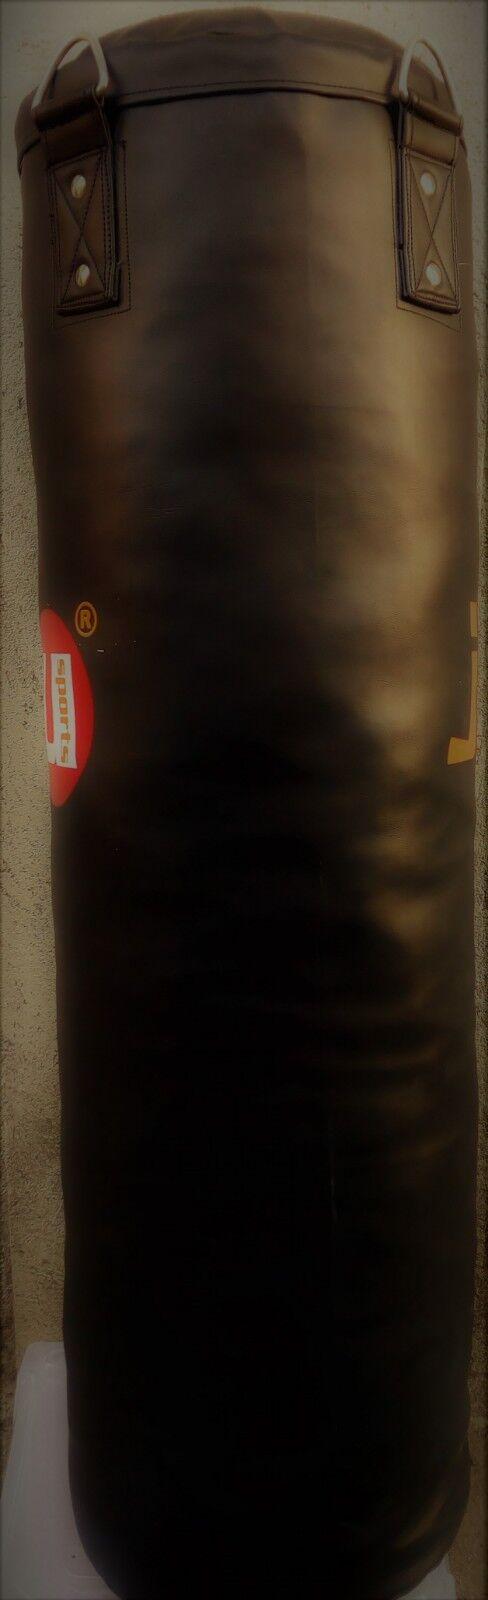 Sacco Boxe simil pelle 100x30cm peso 30kg ca. completo di catene